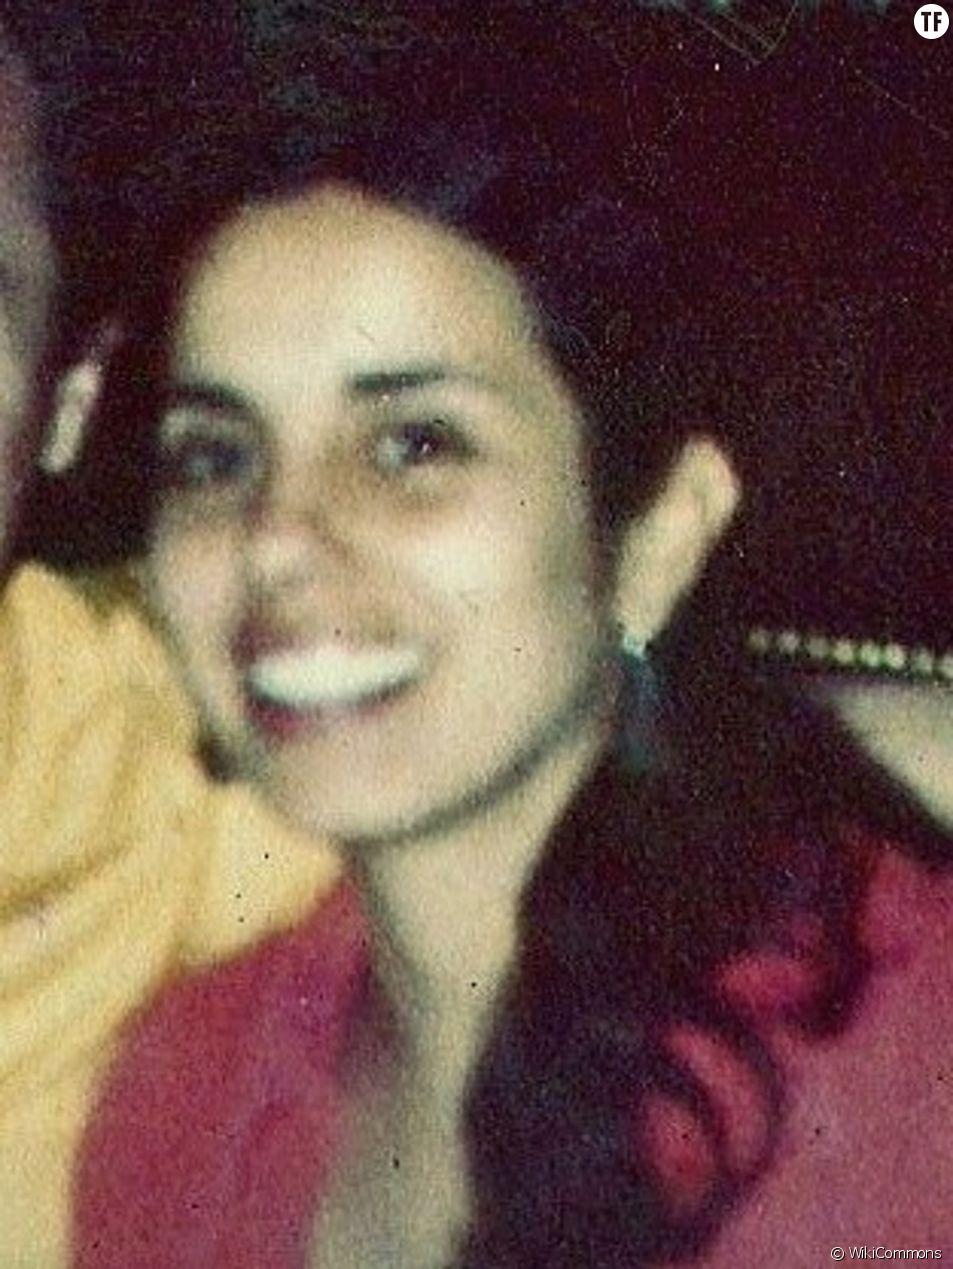 Ana Mendieta, grande artiste féministe, à l'honneur dans un audacieux roman graphique. [Image : Wikicommons]